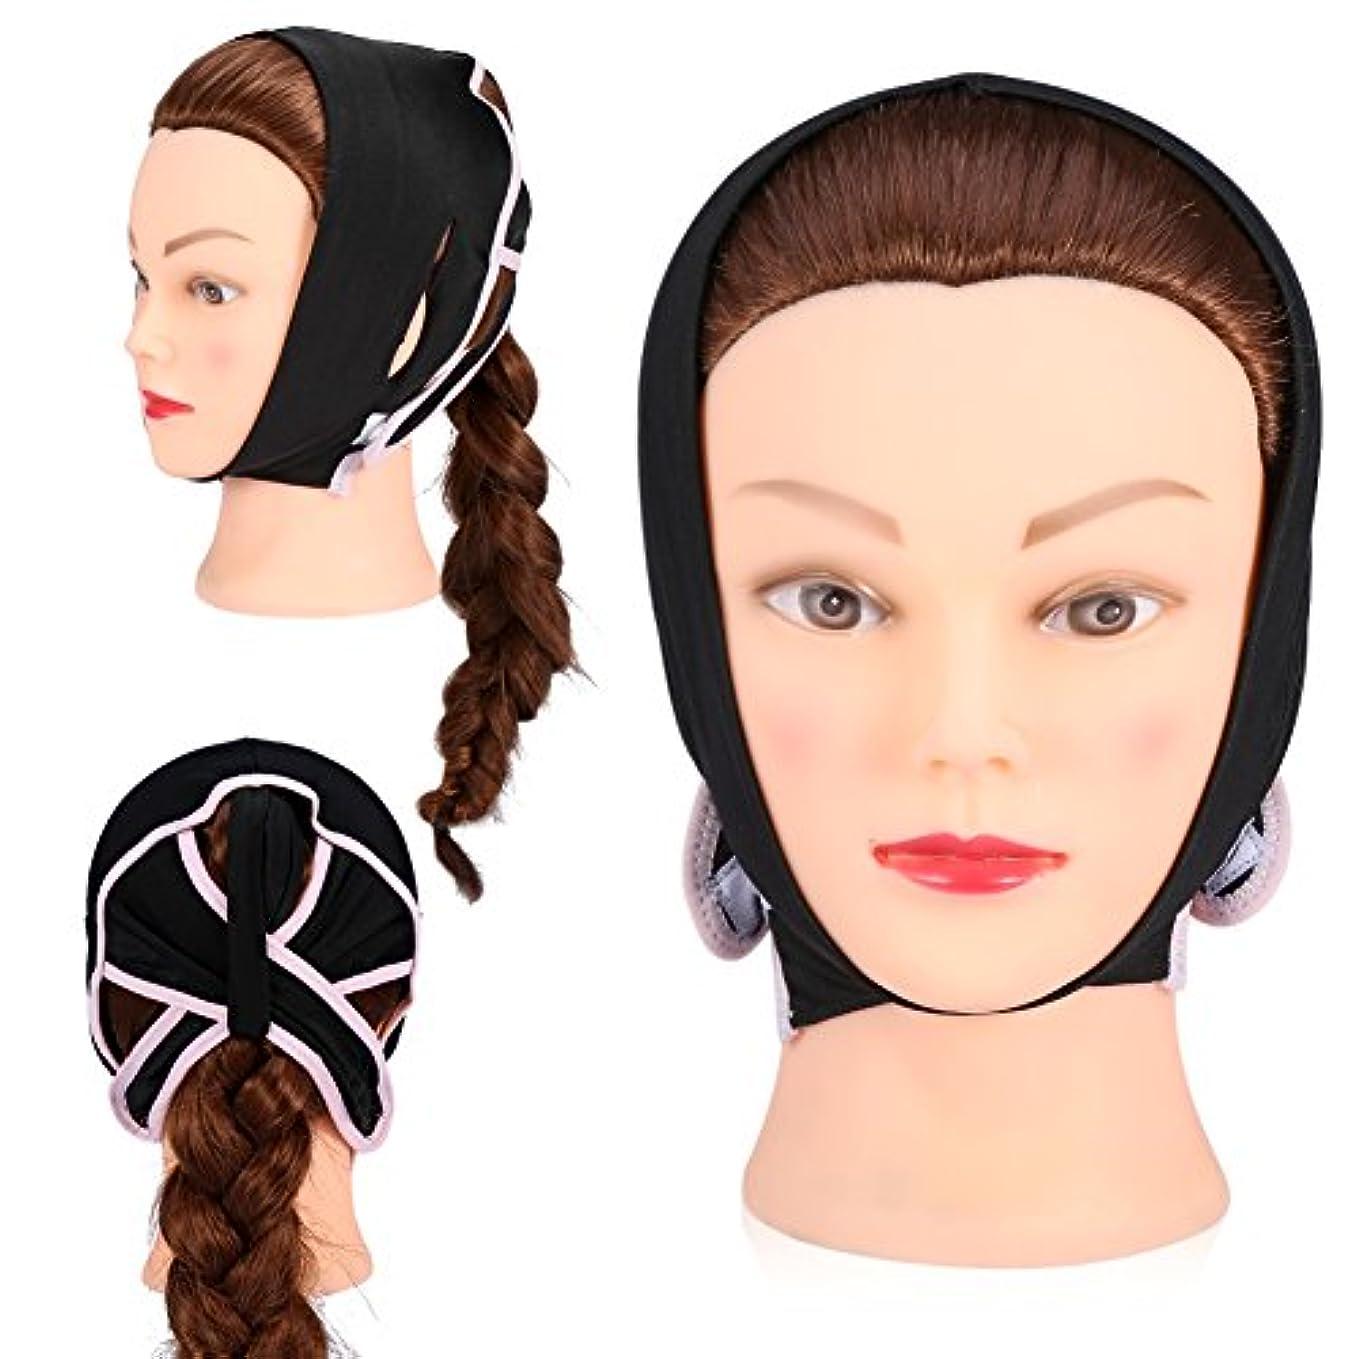 レトルト靄賞賛するフェイスケアのための顔面V字型包帯フェイシャルスリミングマスク薄い首のフェイスリフトダブルチン女性用、黒(L)